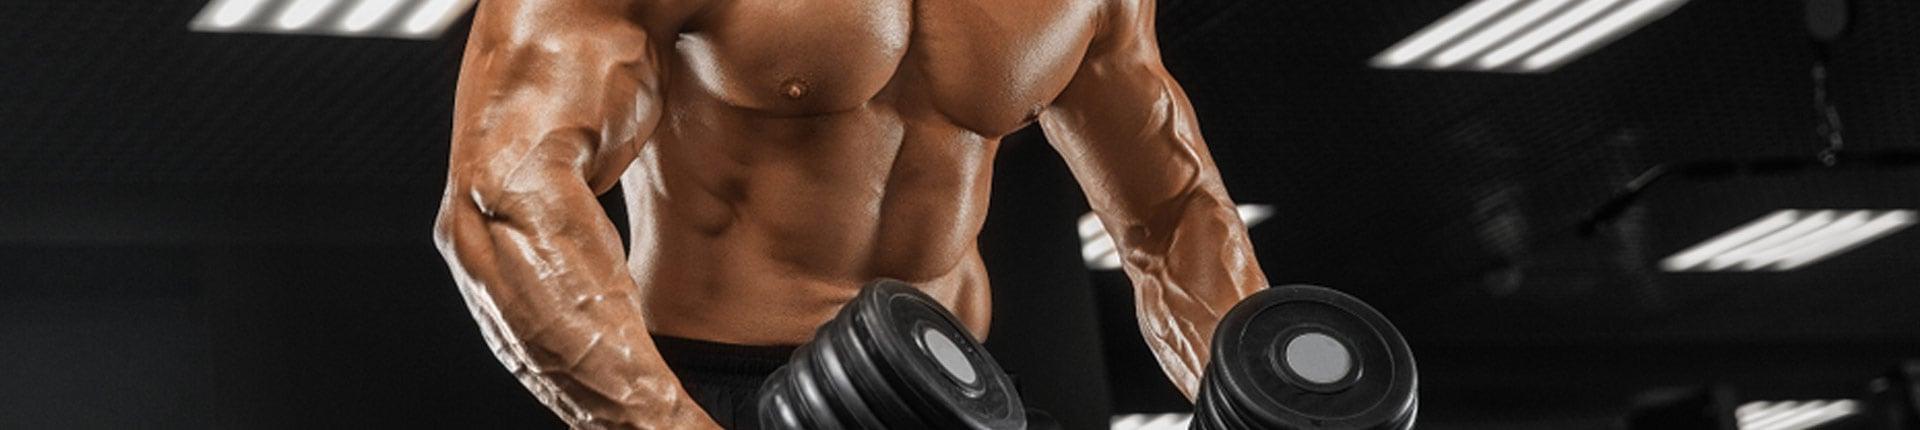 Tajemnice hipertrofii - jak rosną mięśnie?